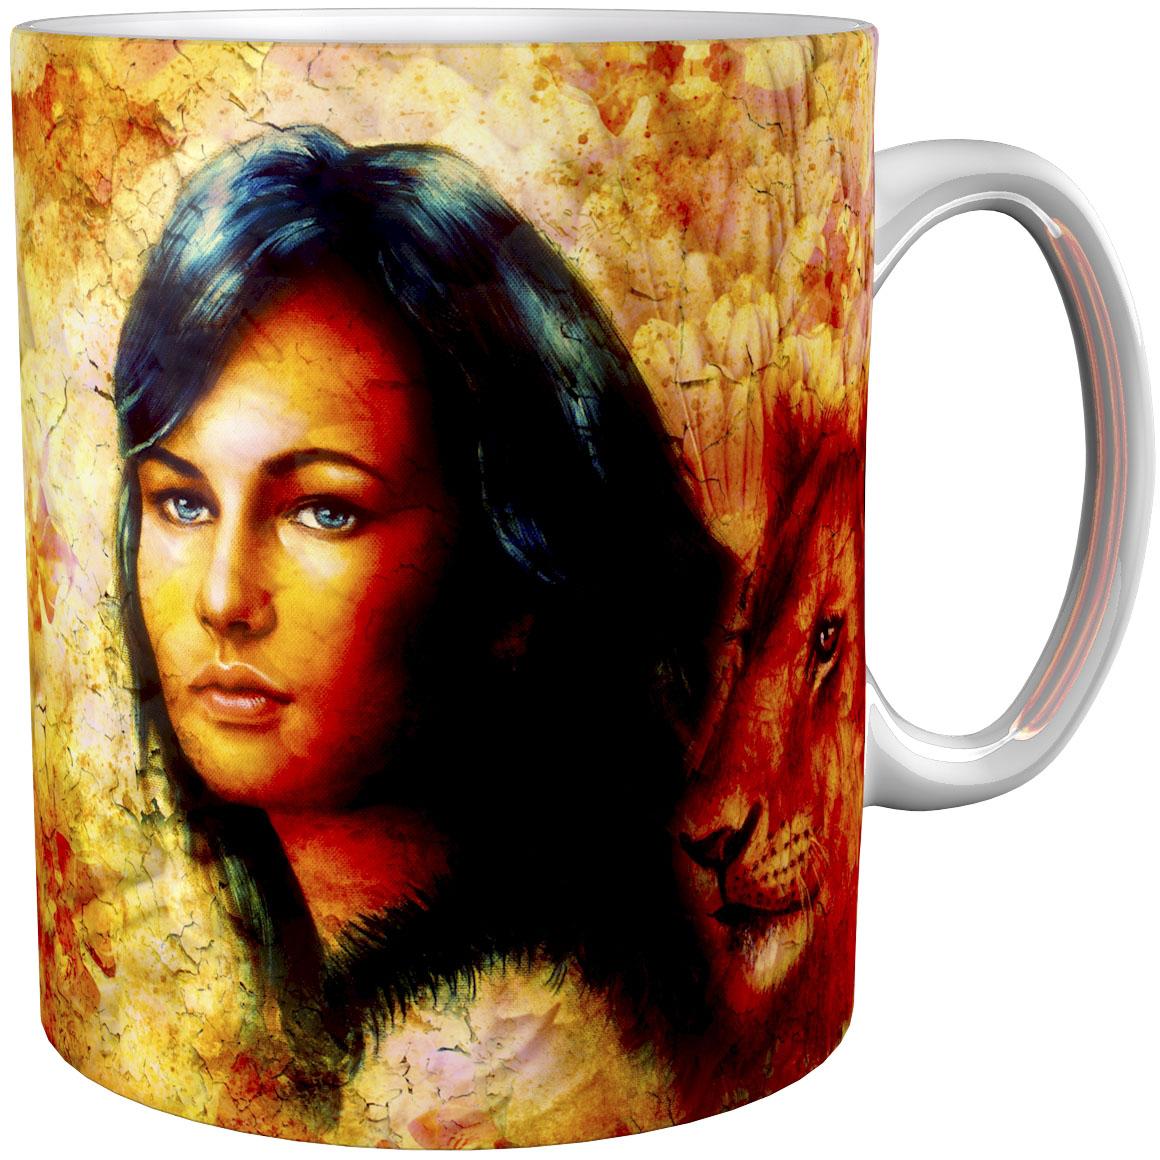 Kaffeetasse / Kaffeebecher / Löwe / Indianer / Fantasy / Geschenktasse